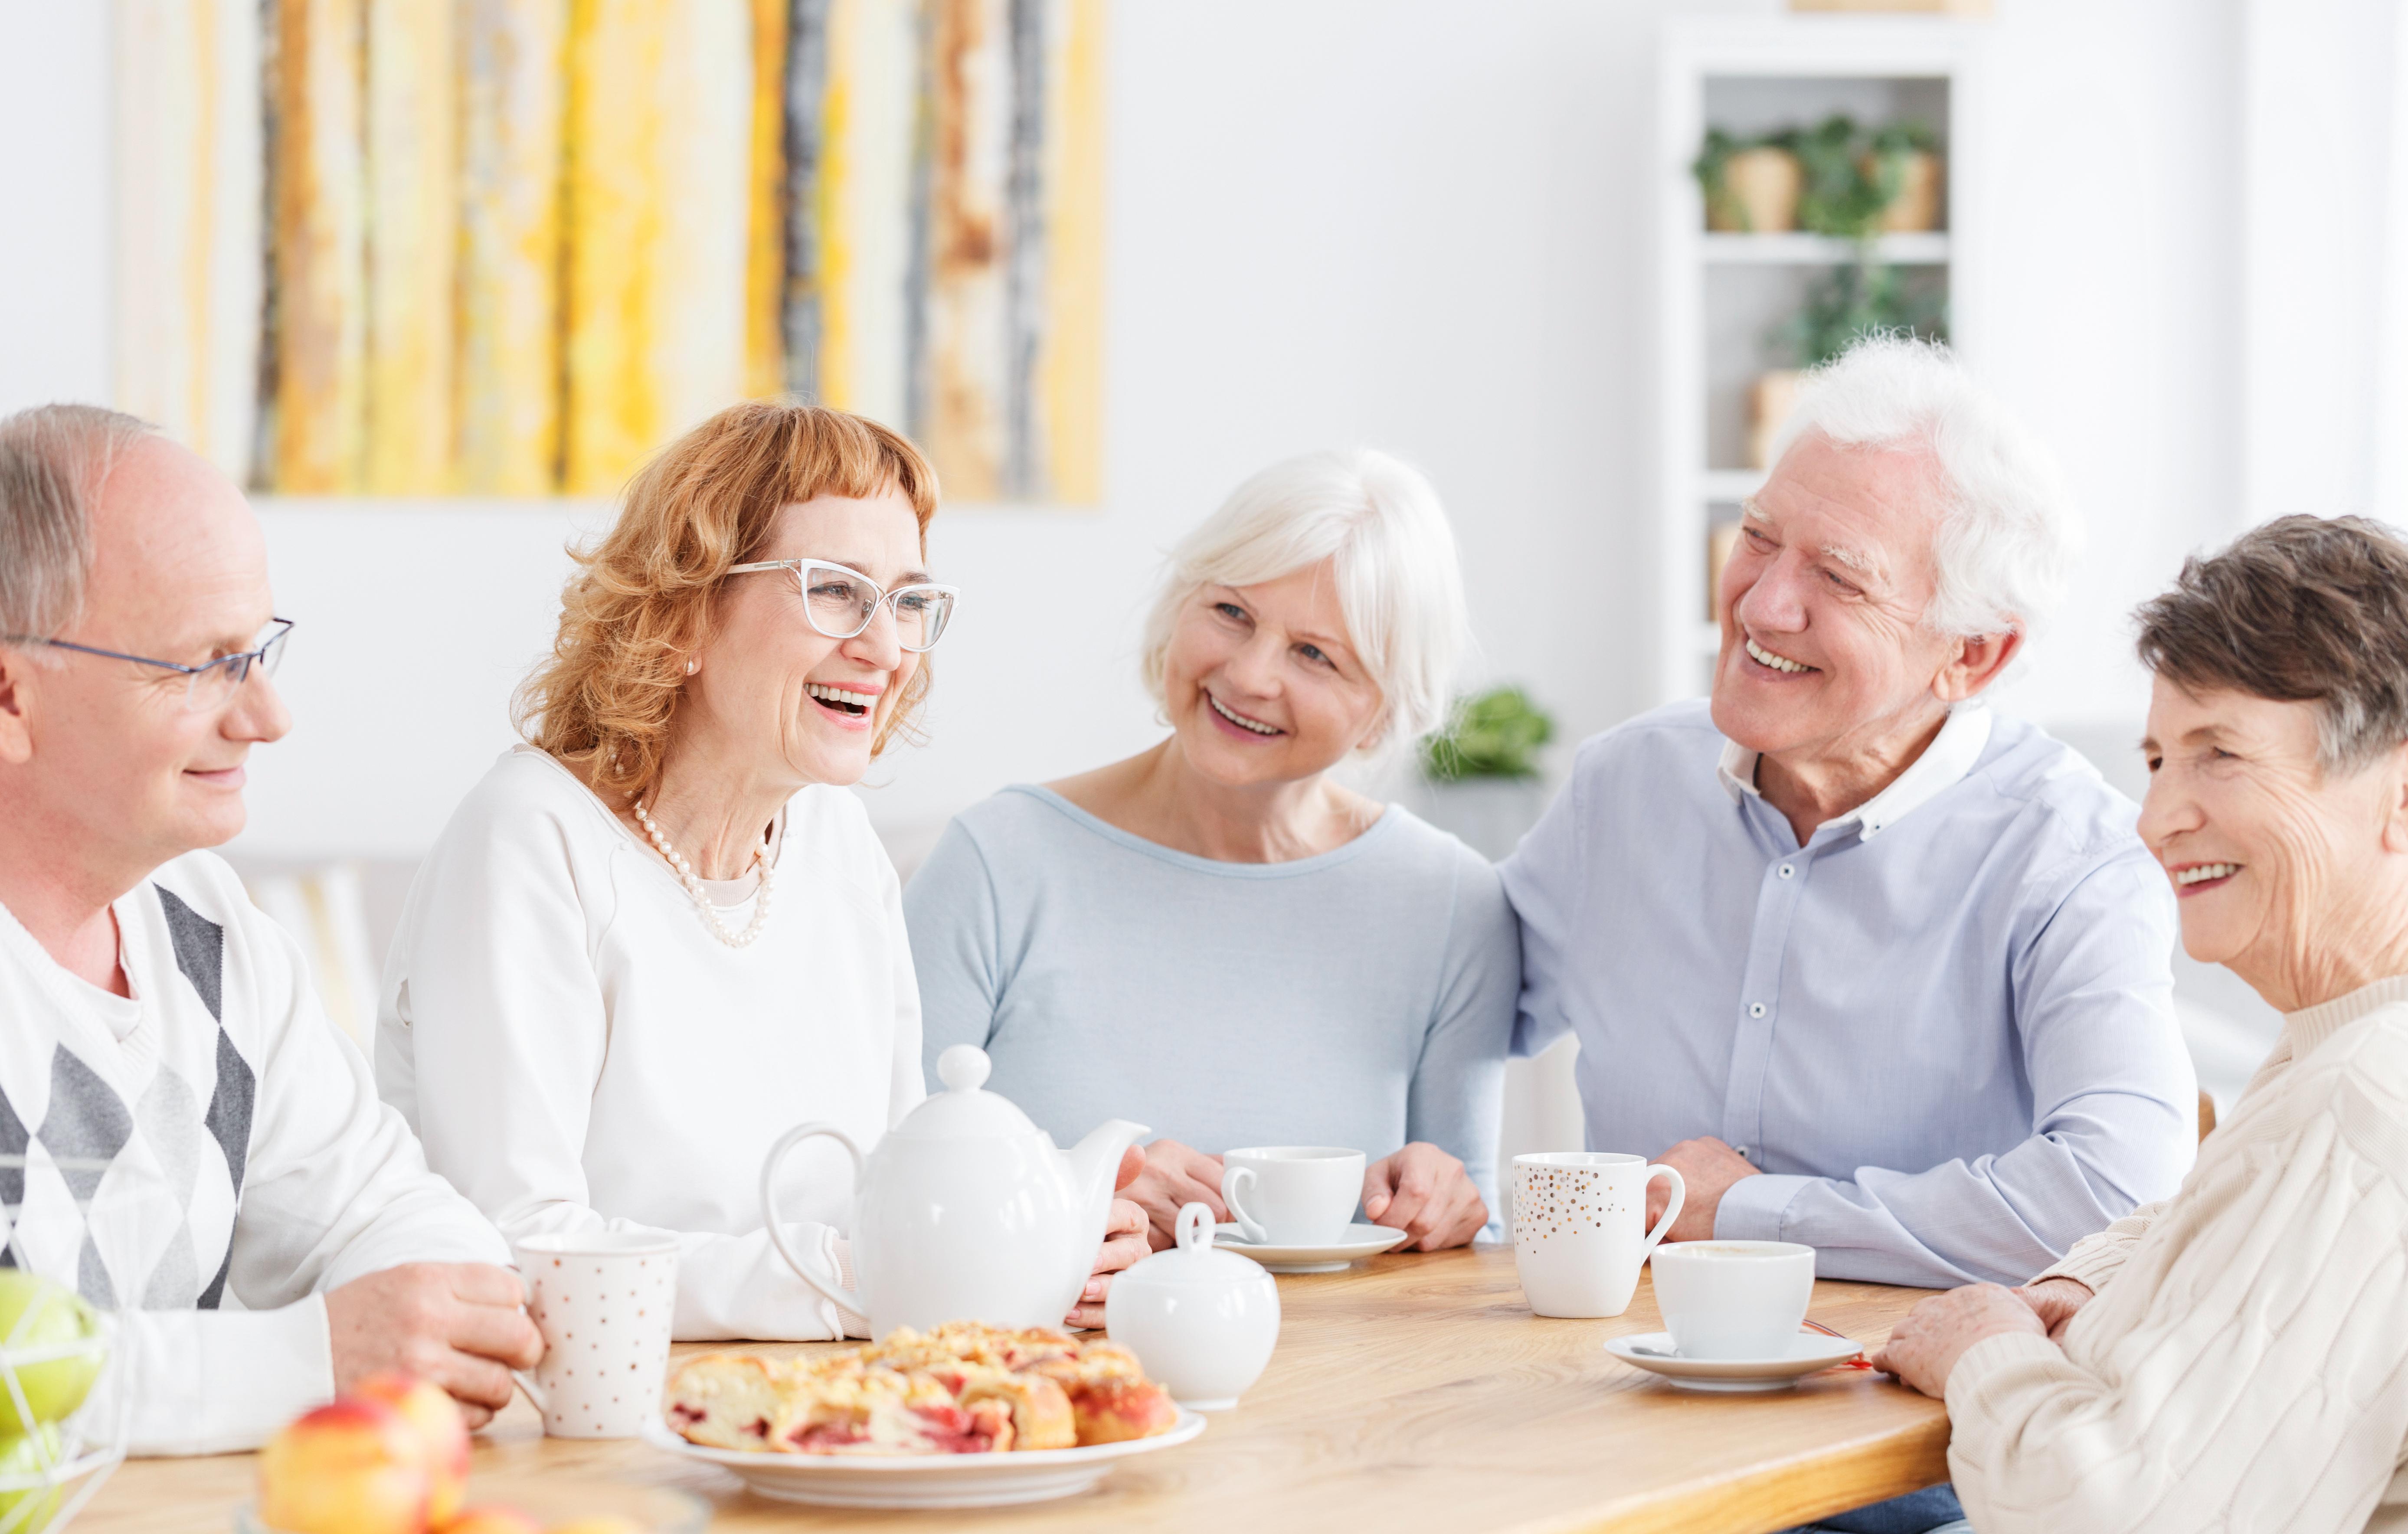 Zajęcia dla seniorów - grupa uśmiechniętych starszych osób na spotkaniu.